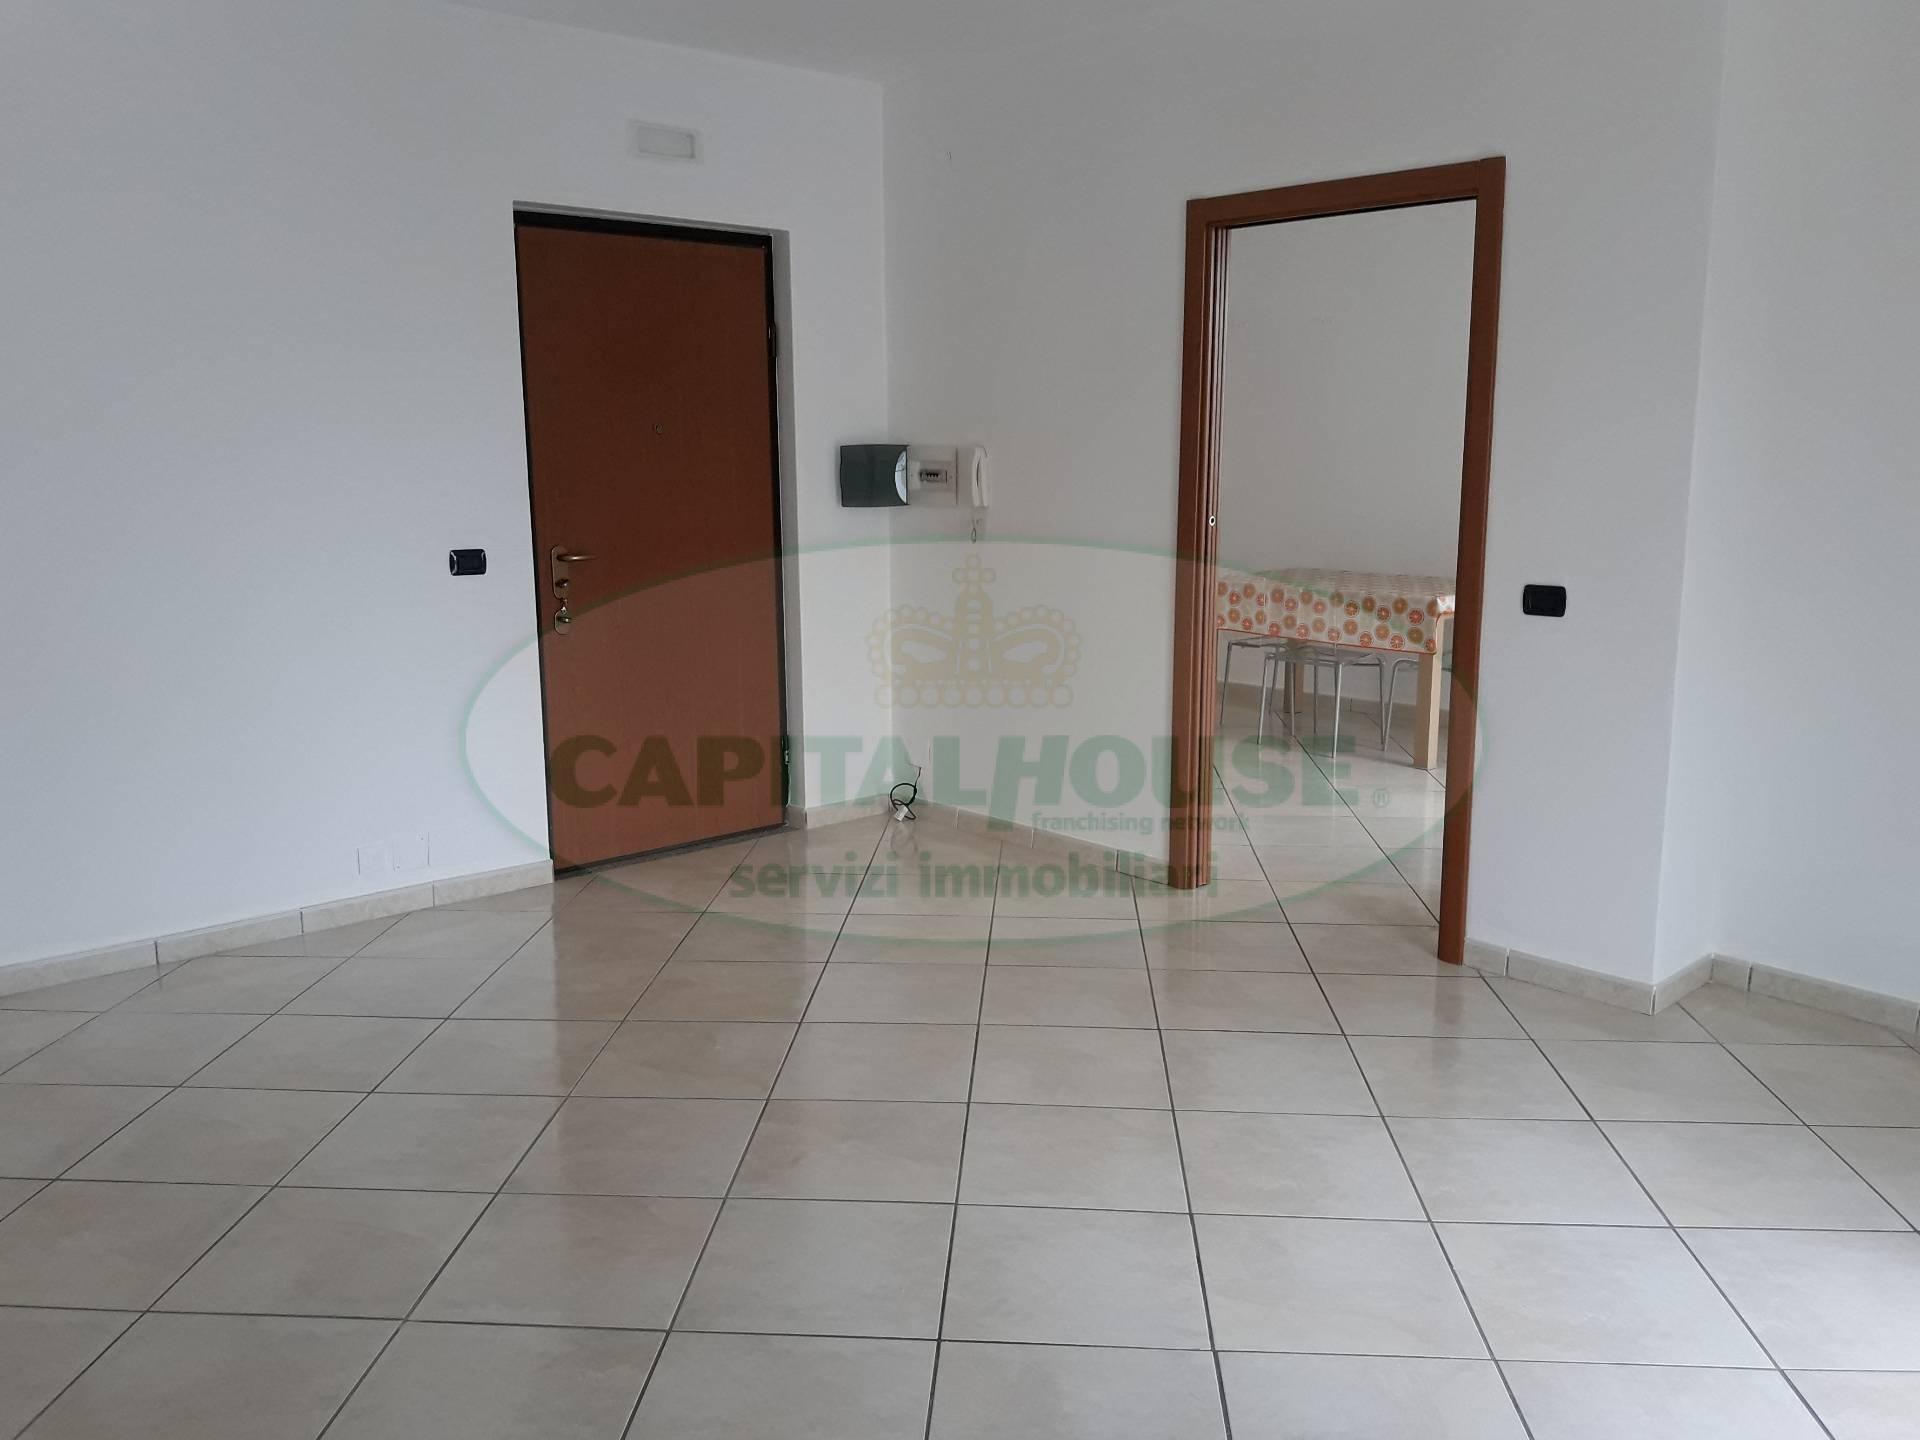 Appartamento in vendita a Macerata Campania, 3 locali, prezzo € 126.000 | CambioCasa.it